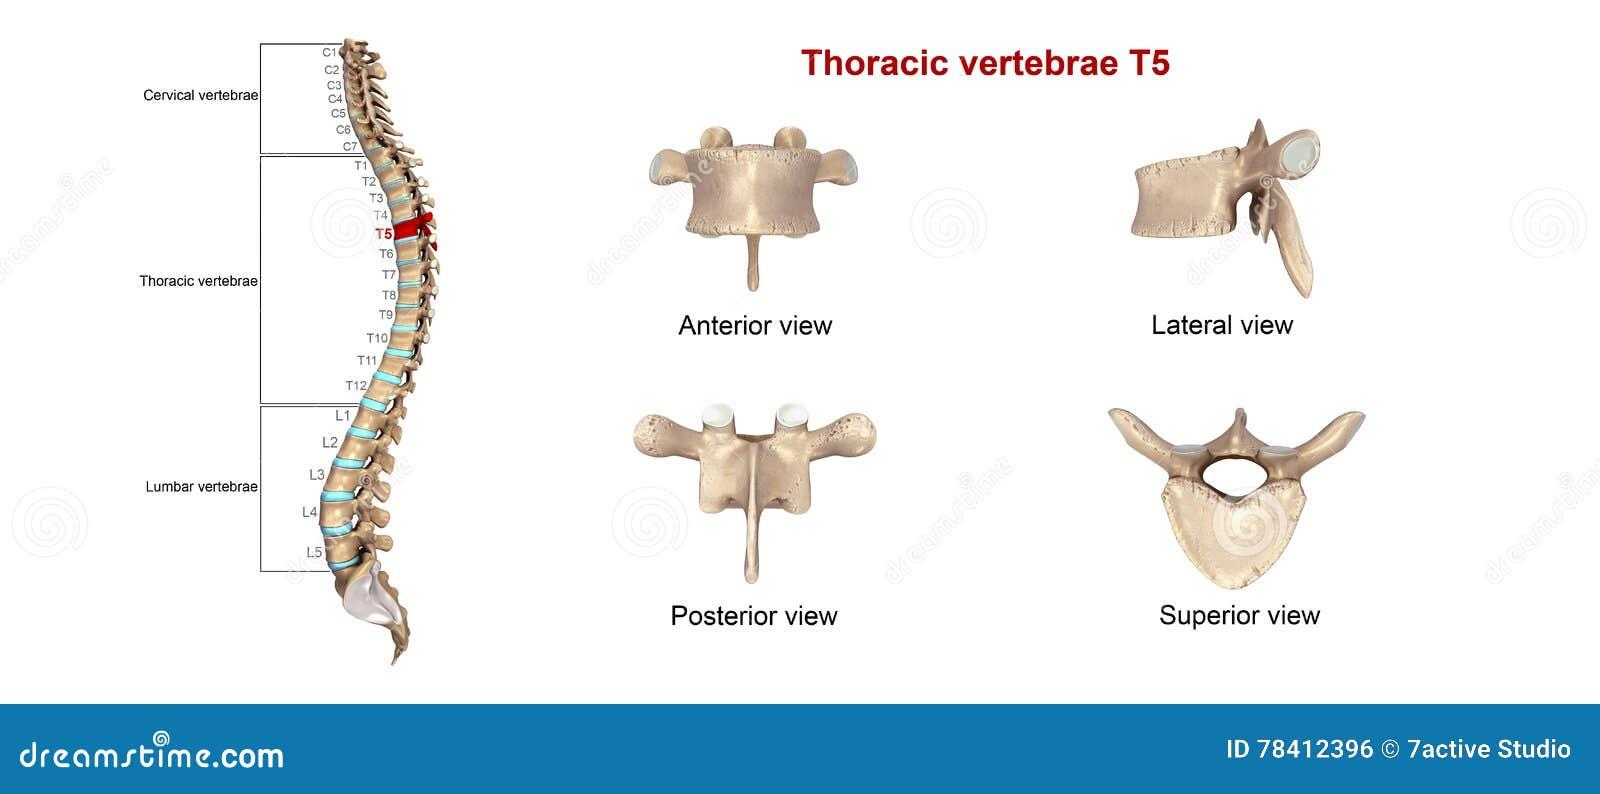 Brust- Wirbel T5 stock abbildung. Illustration von backache - 78412396